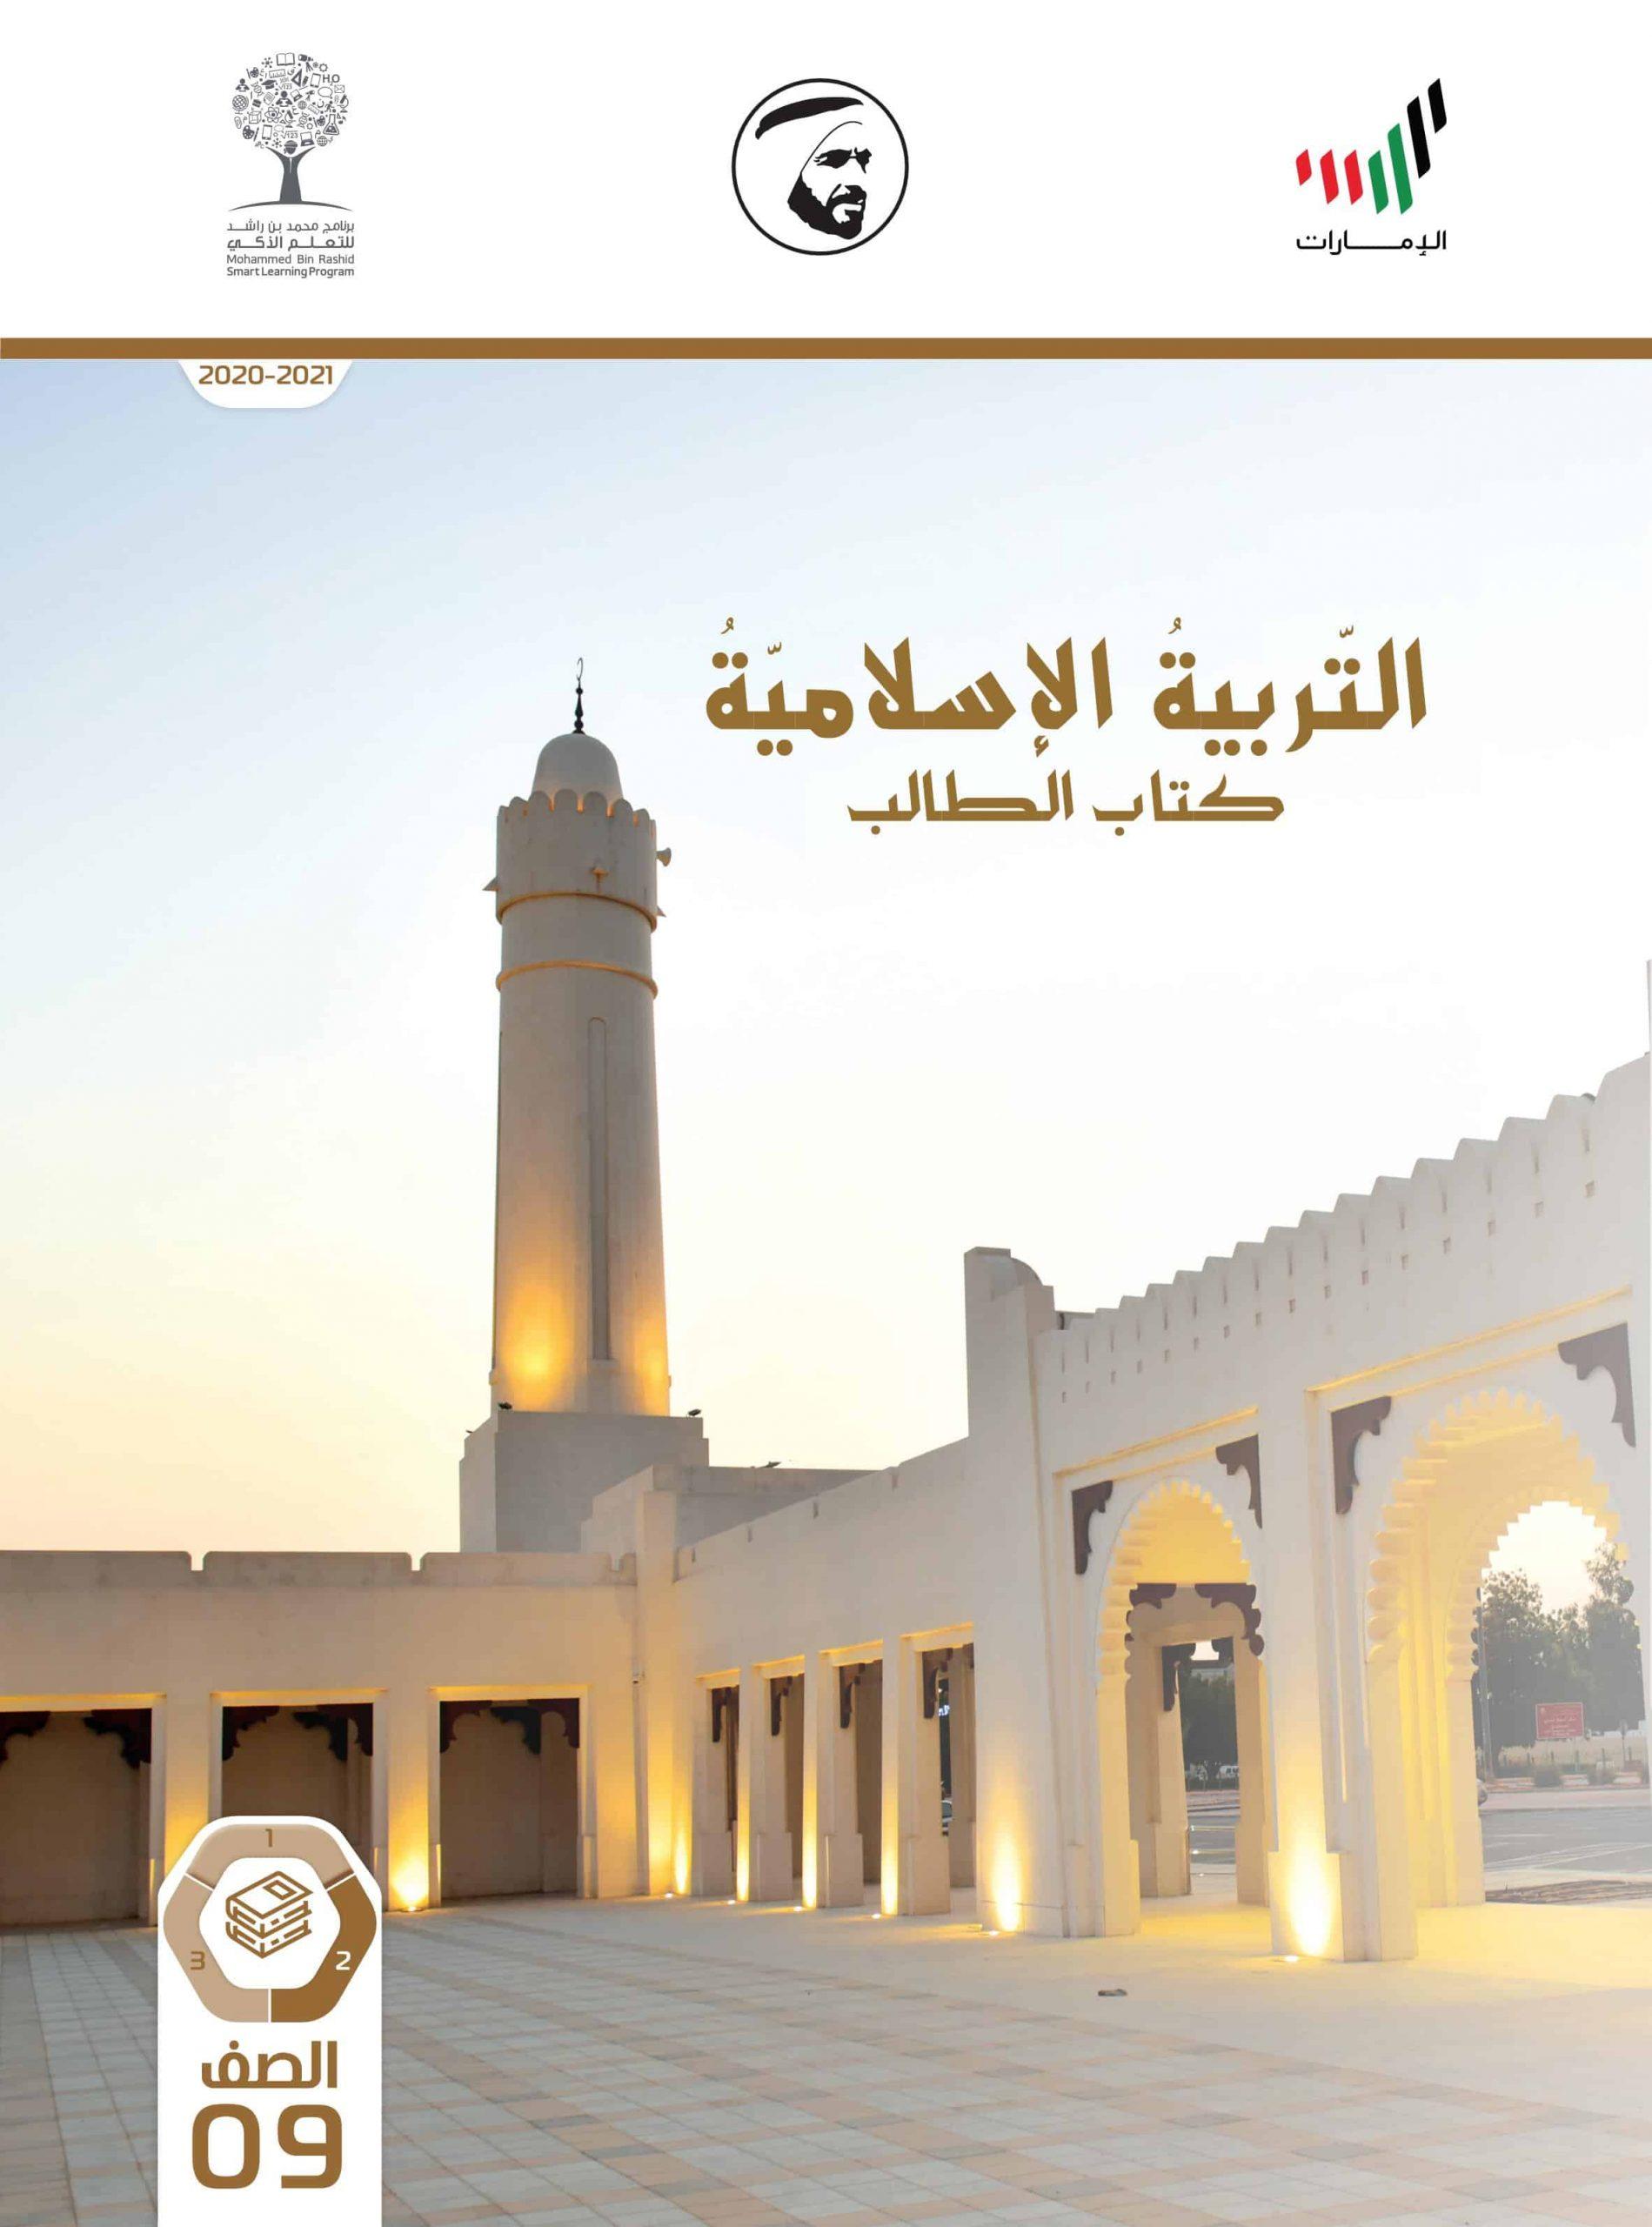 كتاب الطالب الفصل الدراسي الثاني 2020-2021 الصف التاسع مادة التربية الاسلامية